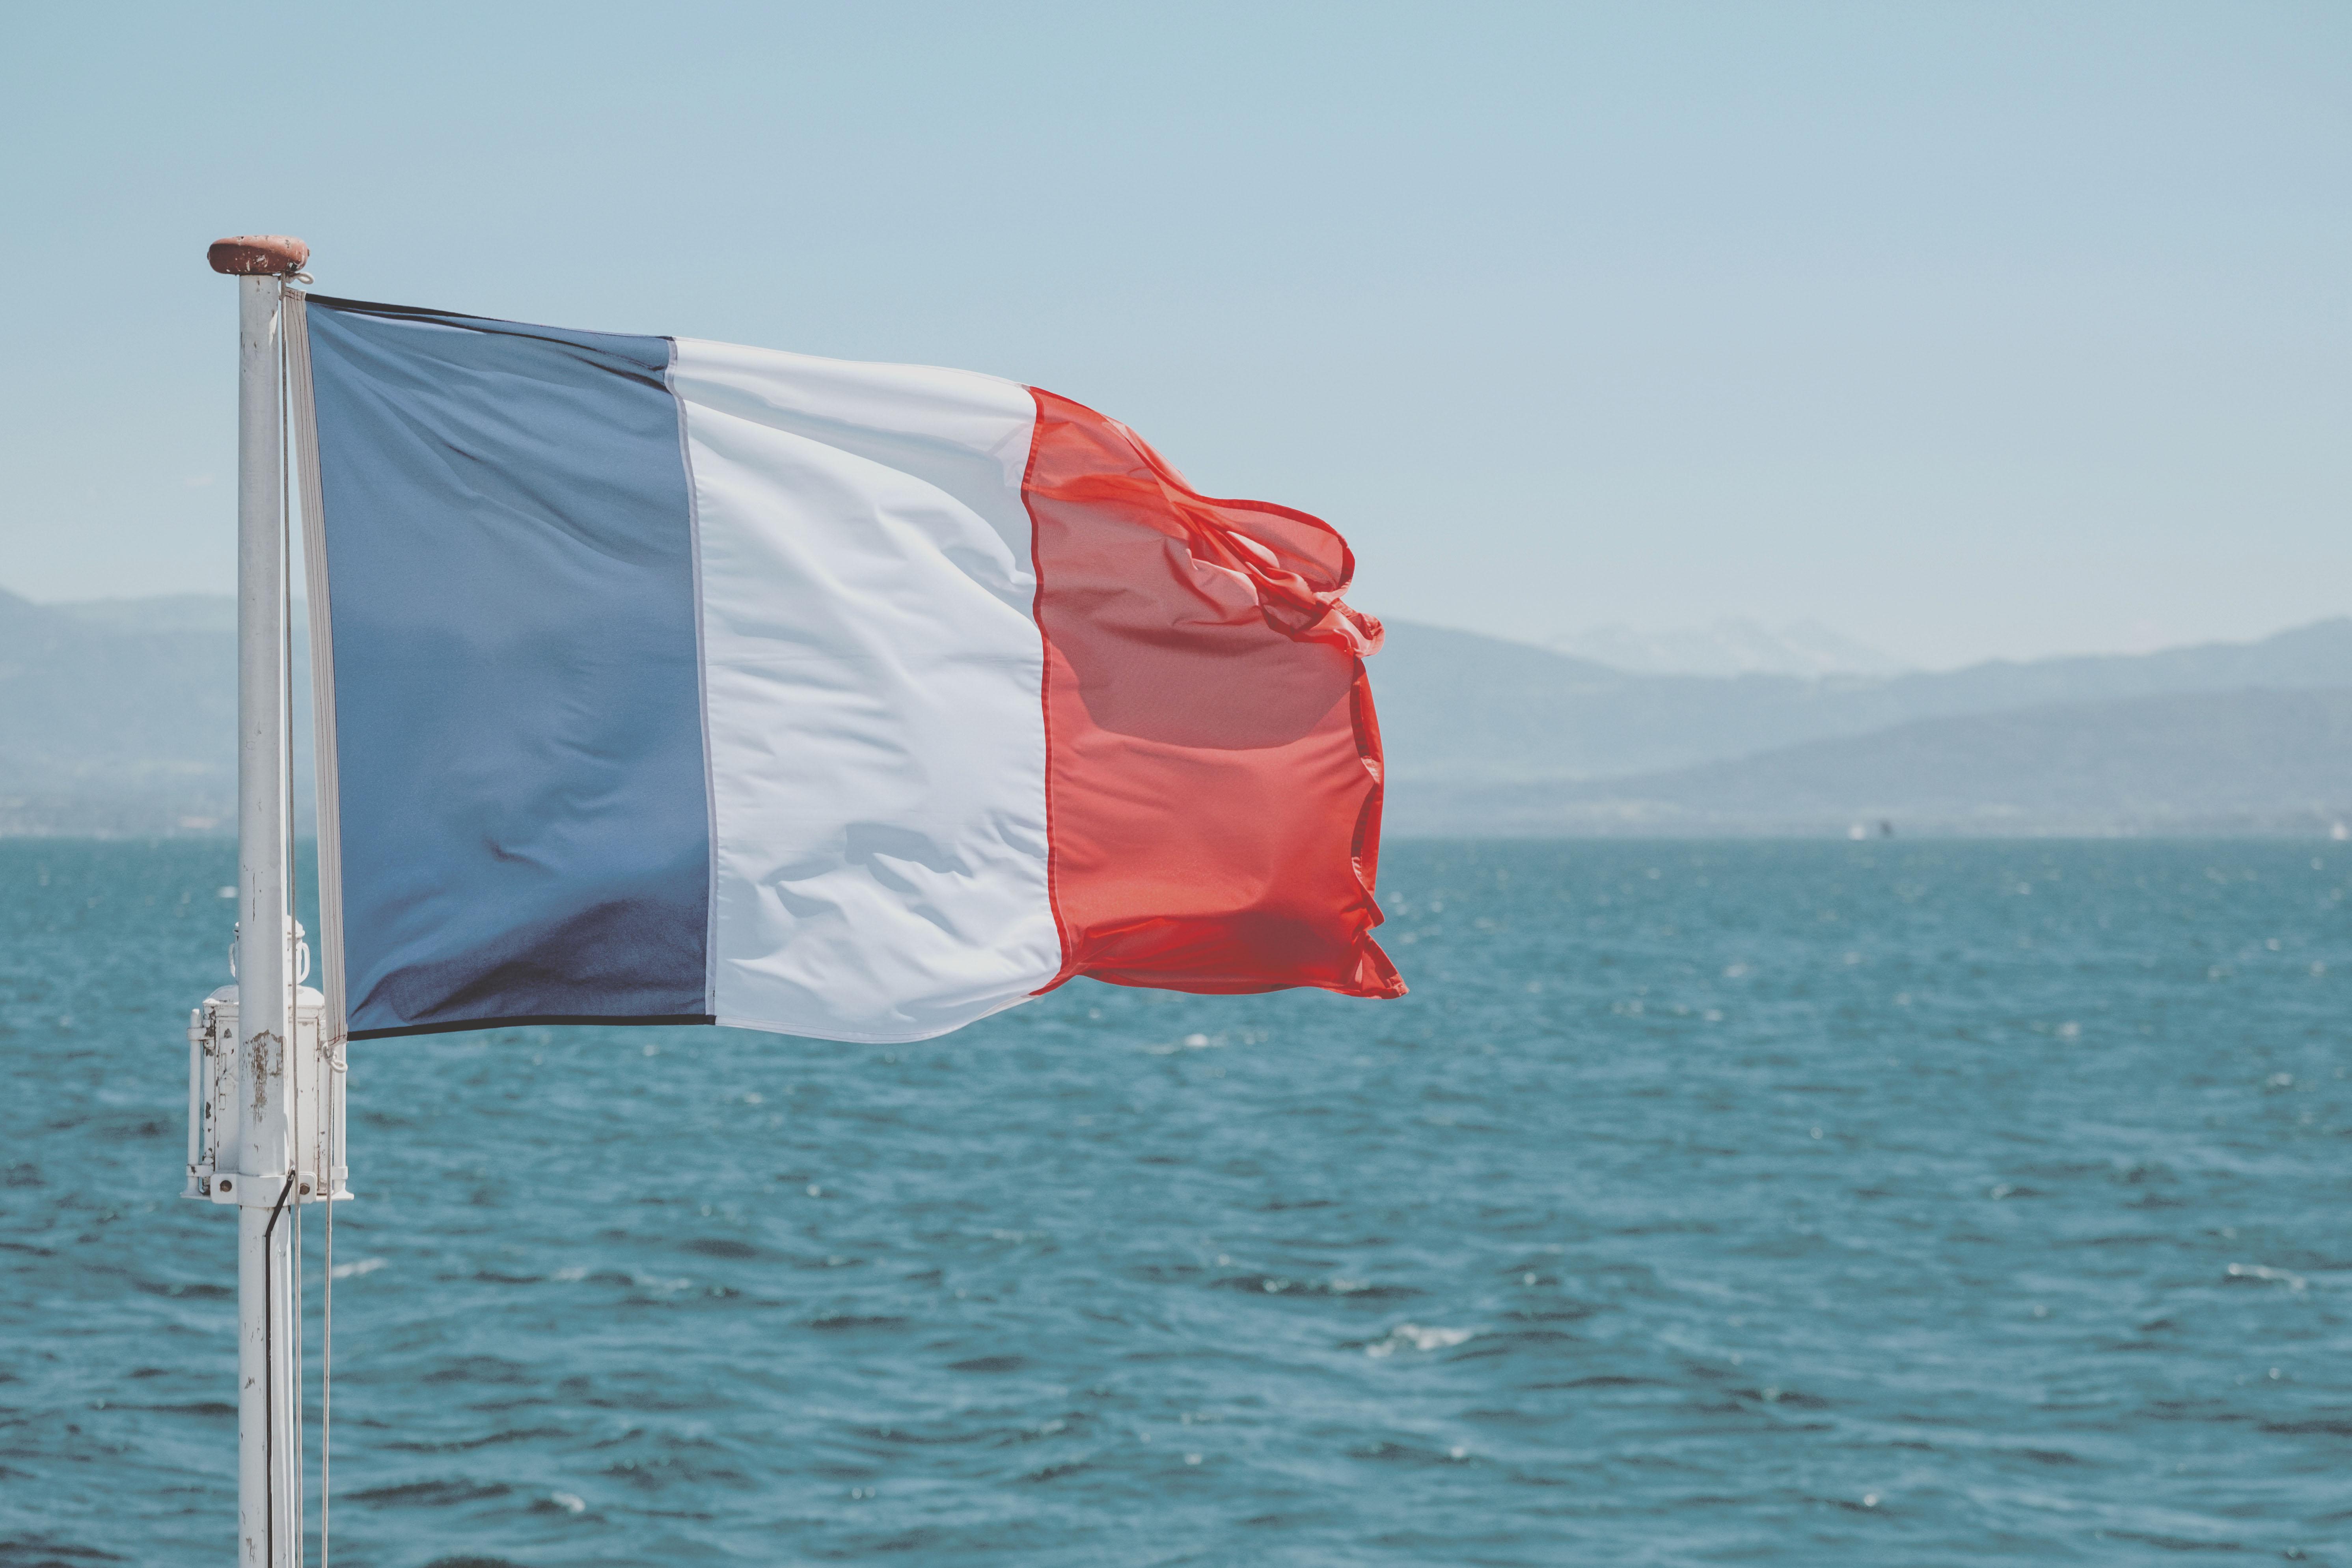 lacunza frances actividades culturales donostia san sebastian gipuzcoa francia euskadi academia idiomas